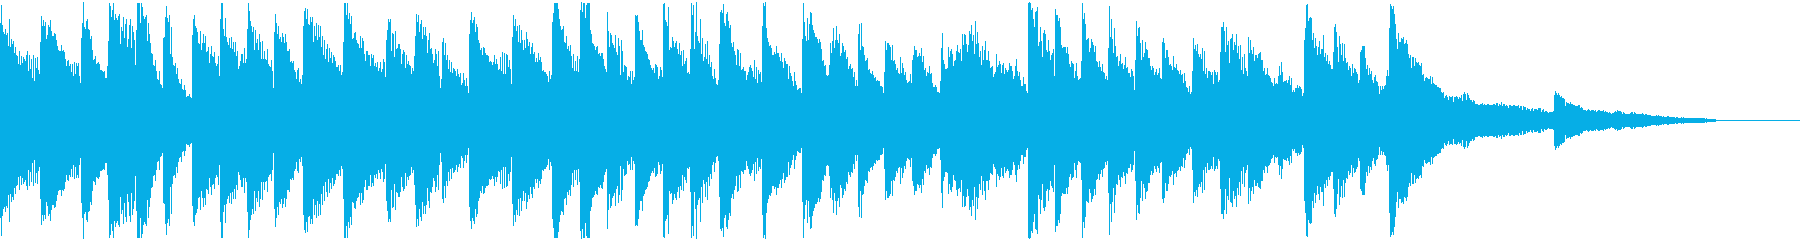 明るく軽めの変拍子のピアノソロの再生済みの波形